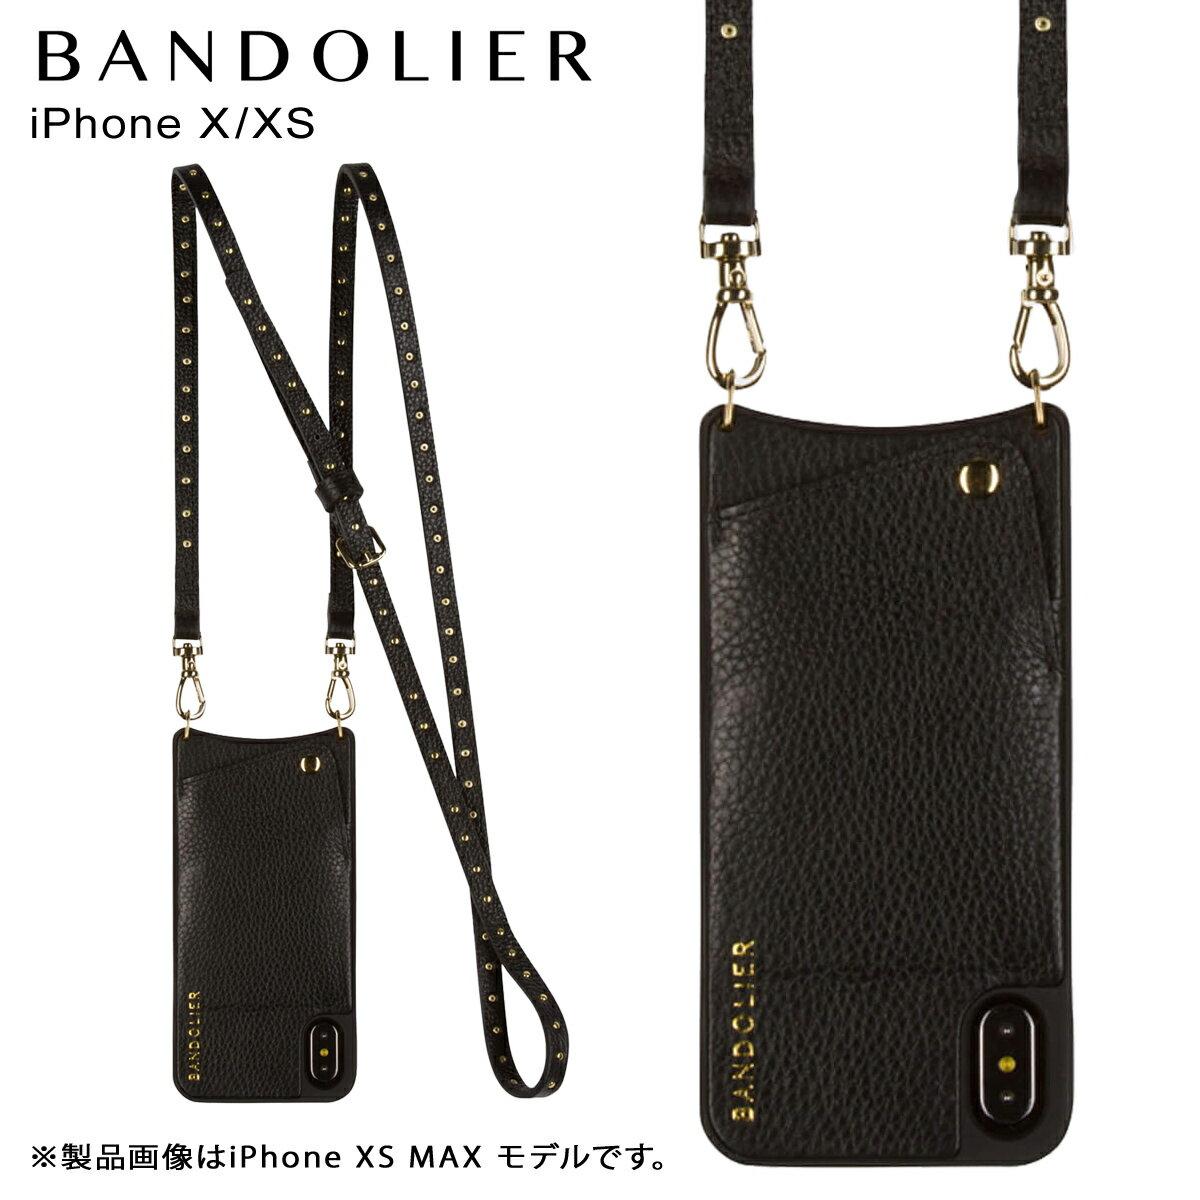 バンドリヤー BANDOLIER iPhone XS X ケース ショルダー スマホ アイフォン レザー NICOLE GOLD メンズ レディース ブラック 黒 10NIC1001 [4/18 再入荷]